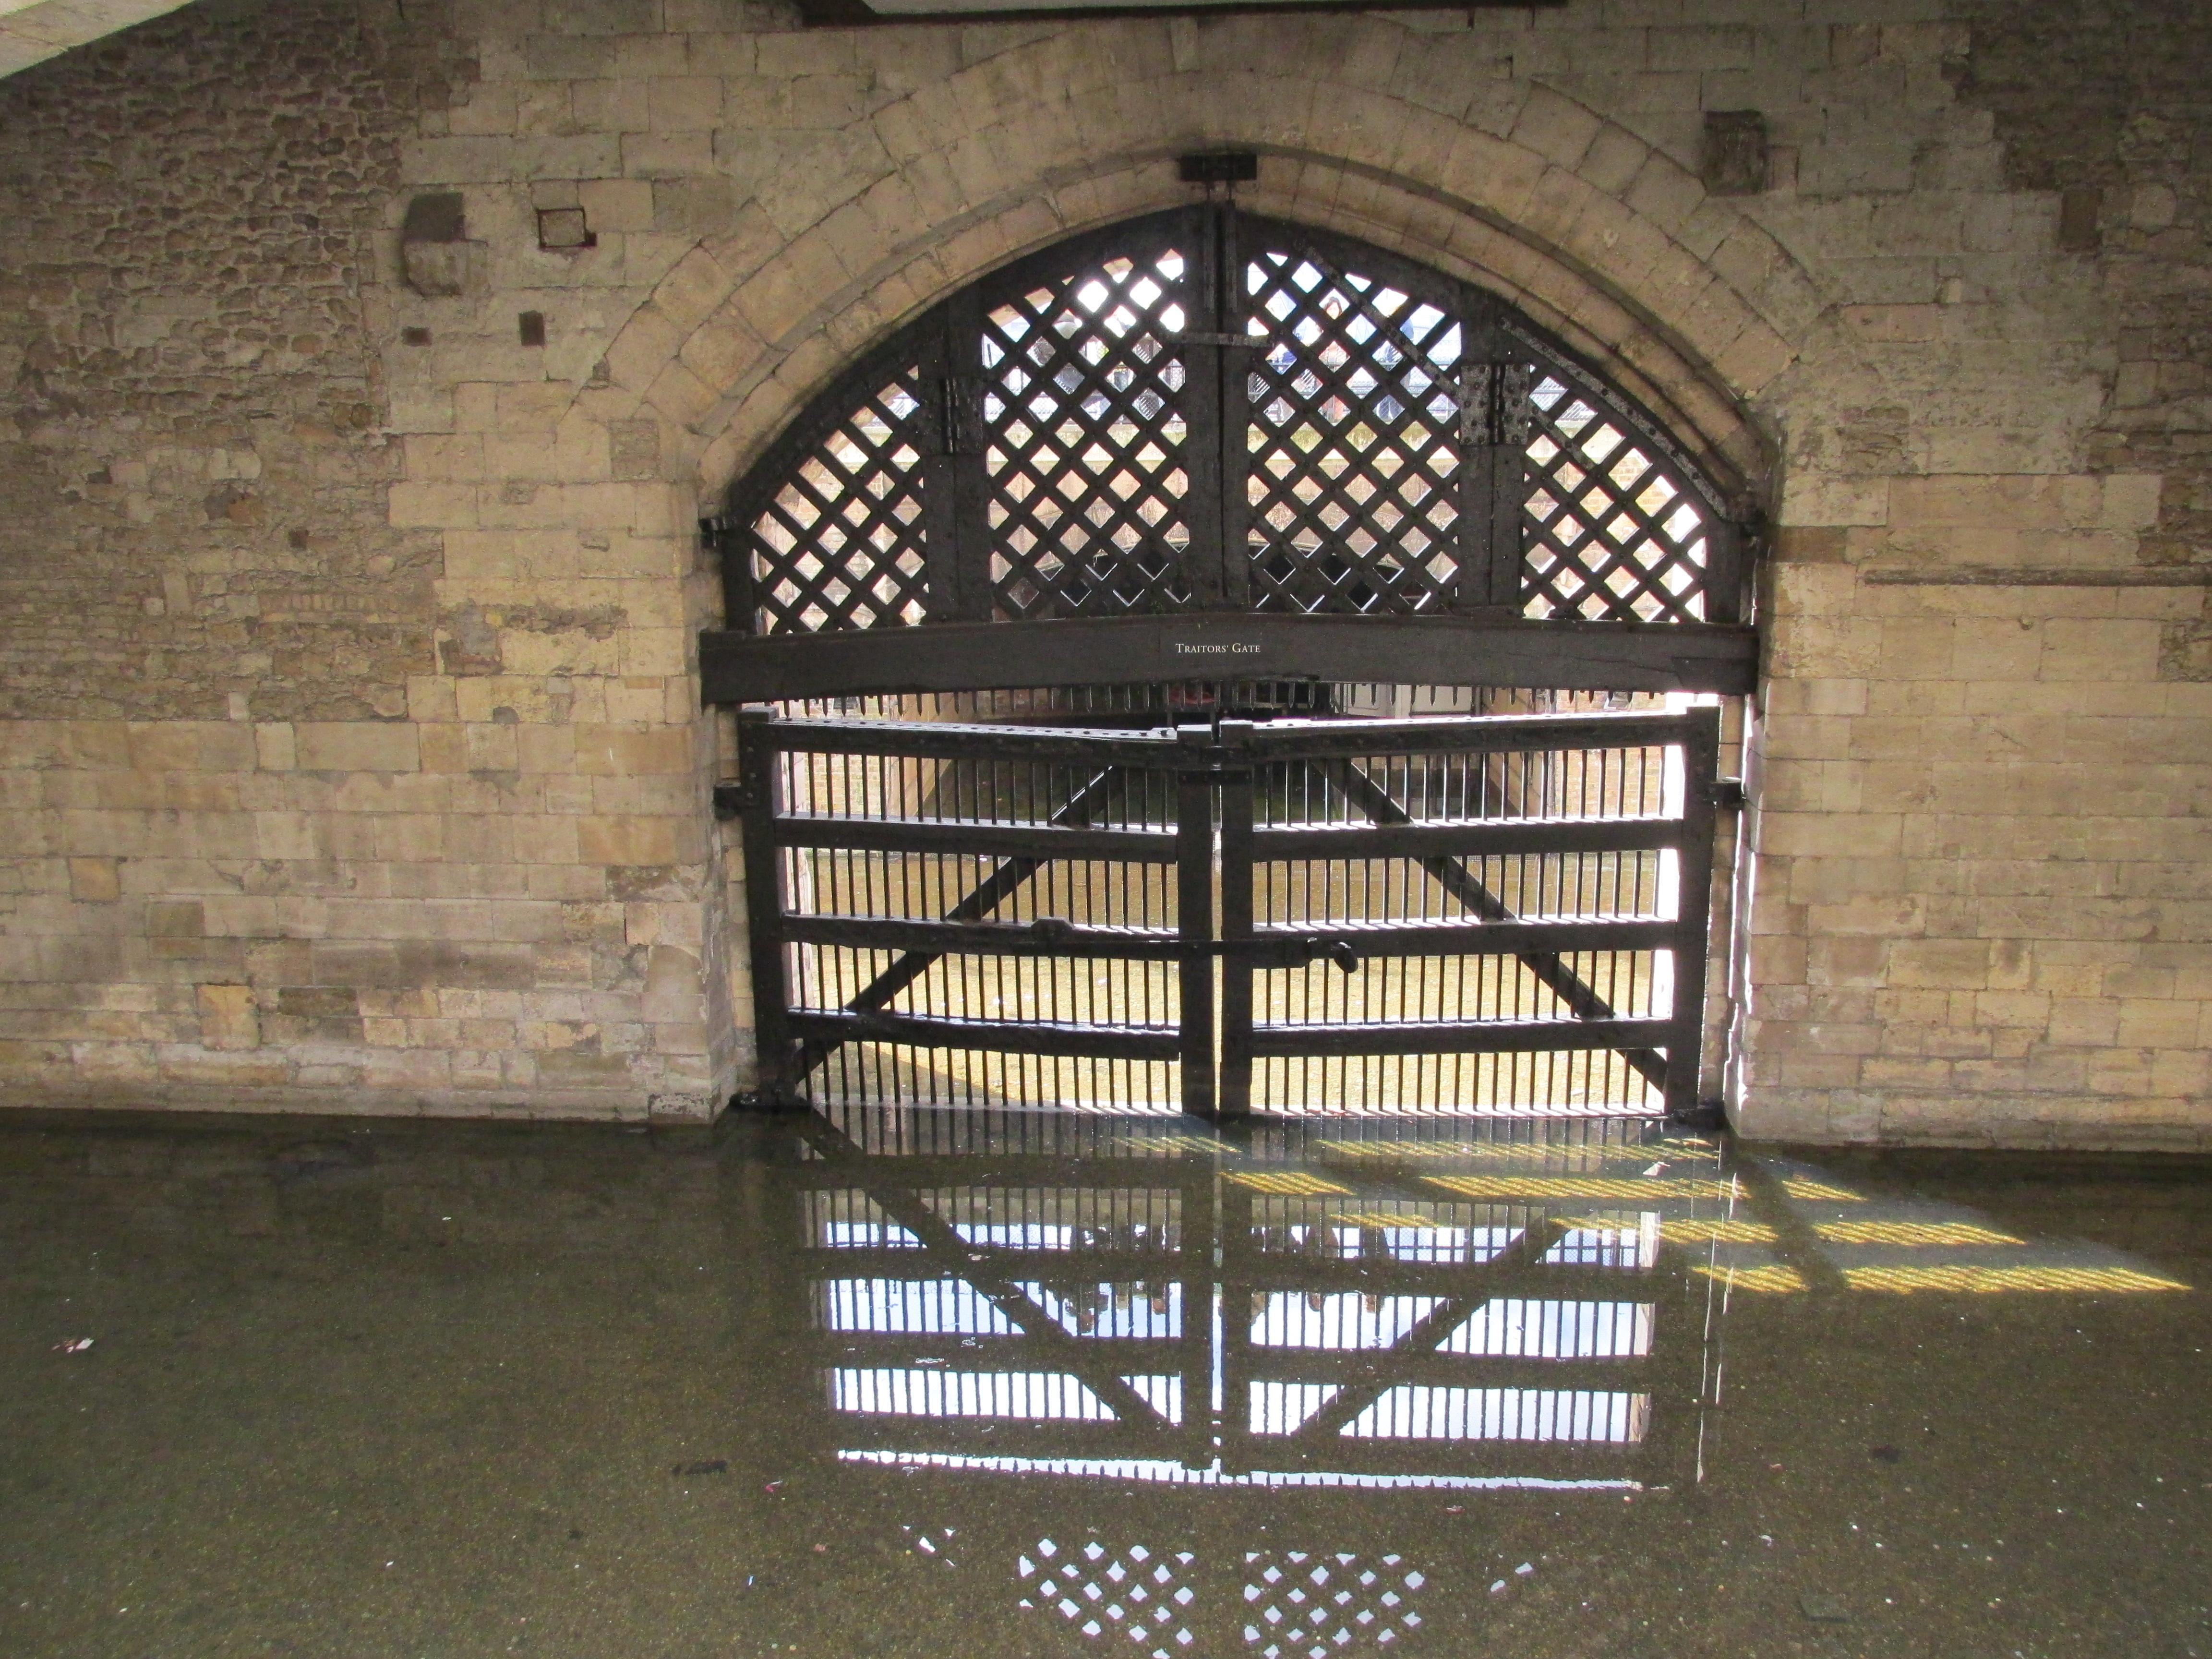 IMG 1755 - Visitando la Torre de Londres